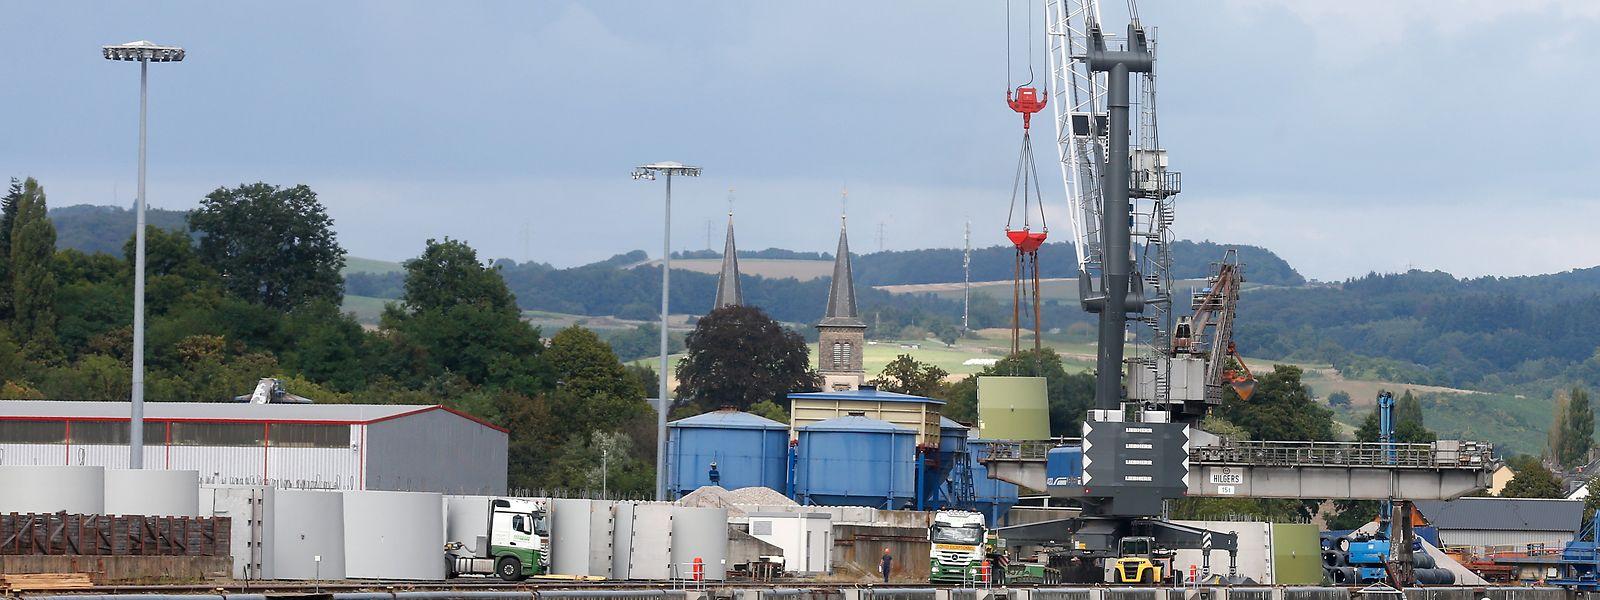 Avec la «zone portuaire 2», de nouvelles entreprises pourront s'installer au port de Mertert.